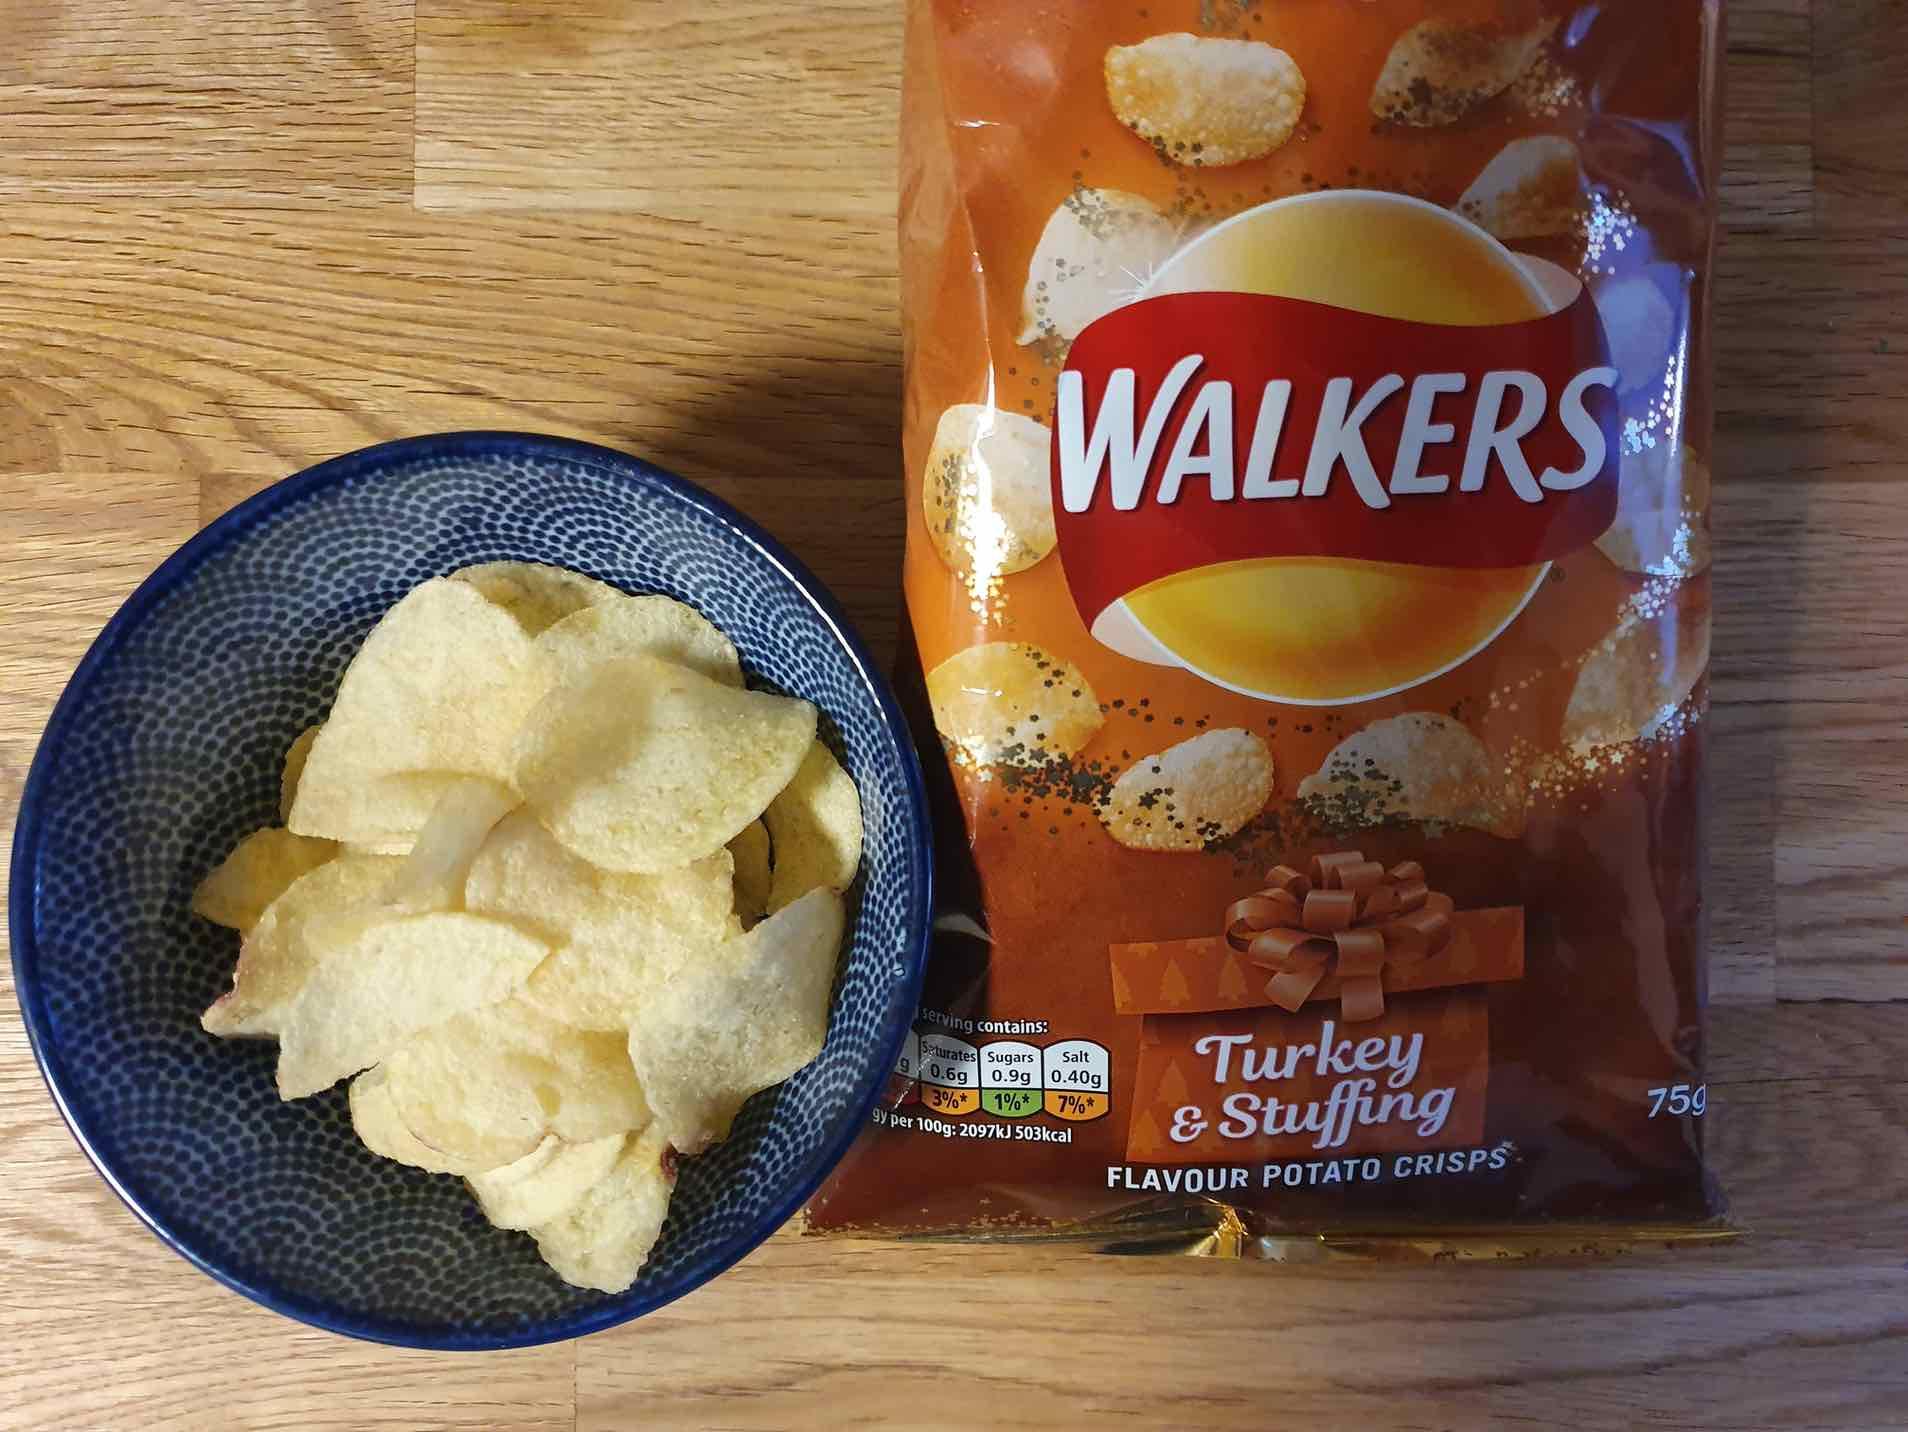 Walkers Turkey & Stuffing